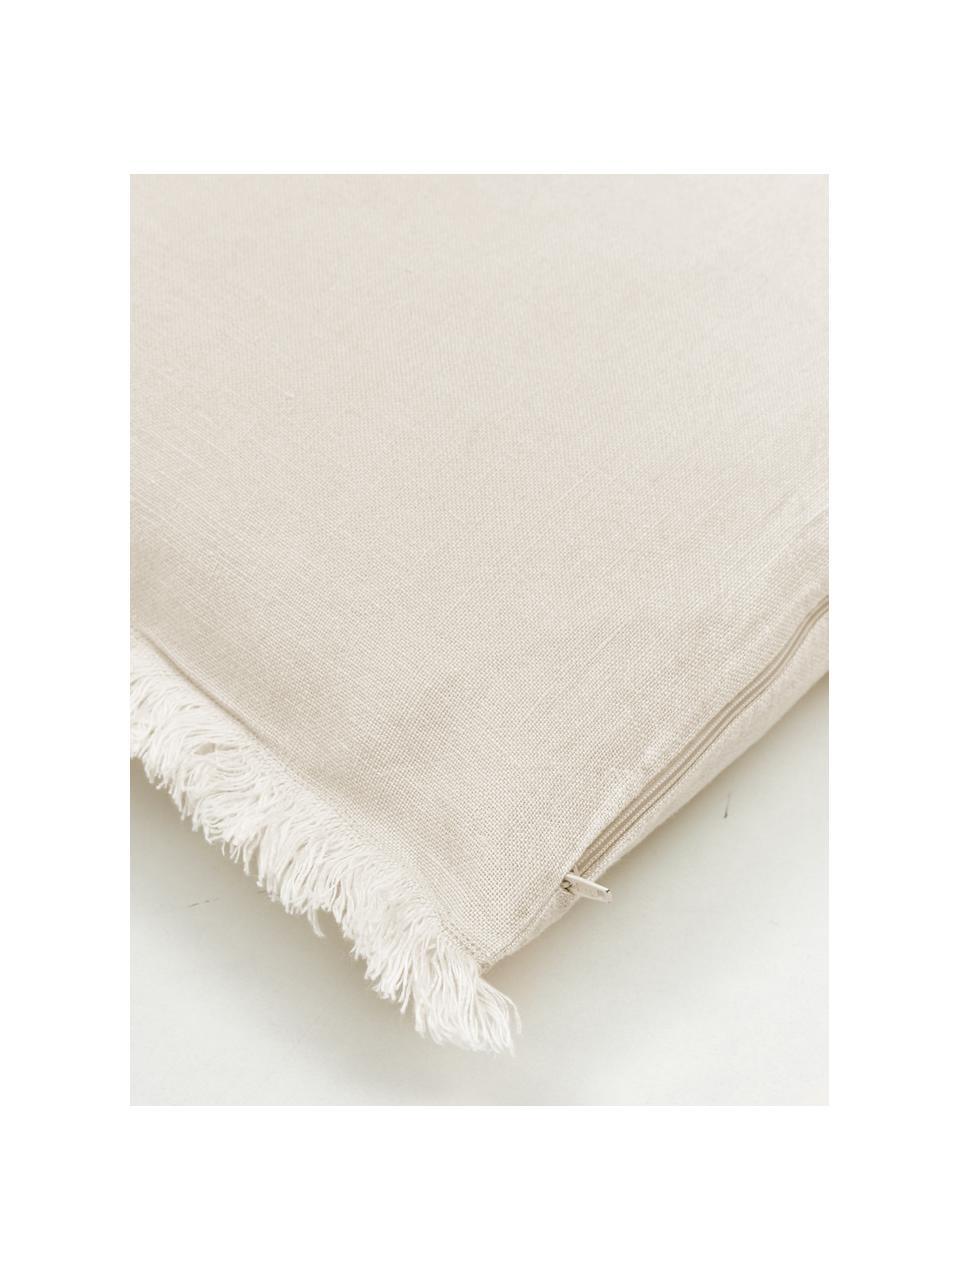 Federa arredo in lino beige chiaro con frange Luana, 100% lino, Beige, Larg. 50 x Lung. 50 cm